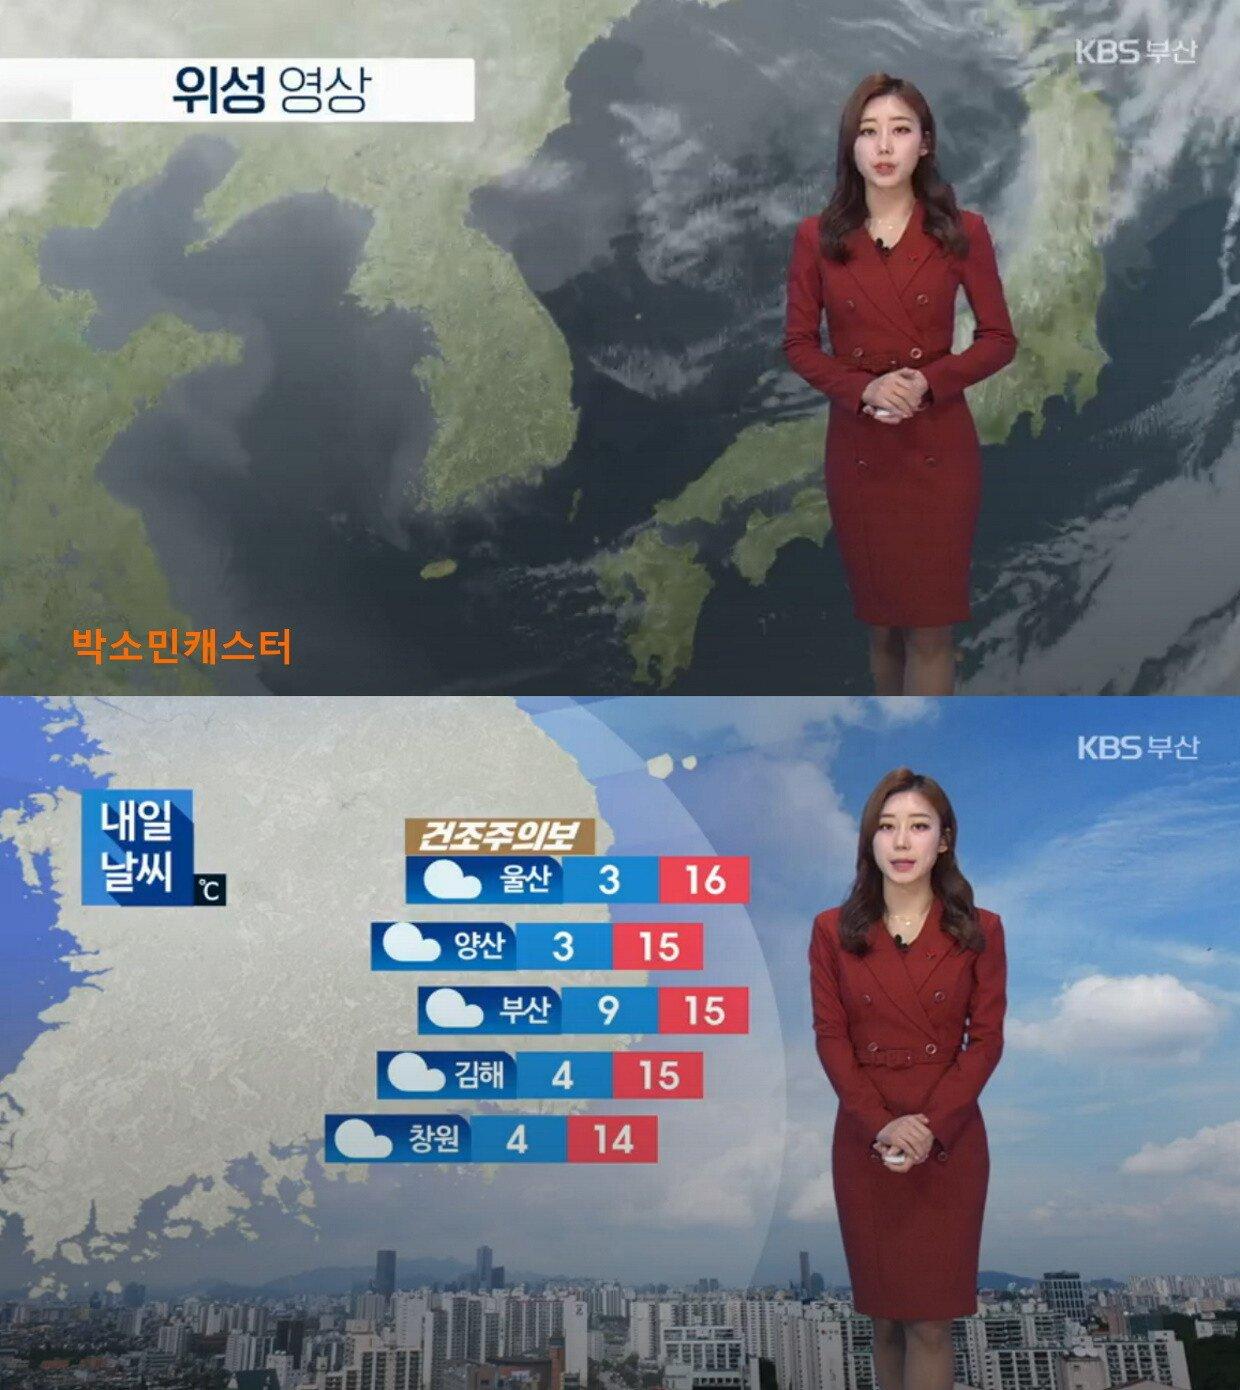 저녁13.jpg 미세먼지에 눈 건강 비상 (내일 미세먼지 서쪽 나쁨 및 흐리고 곳곳 비)